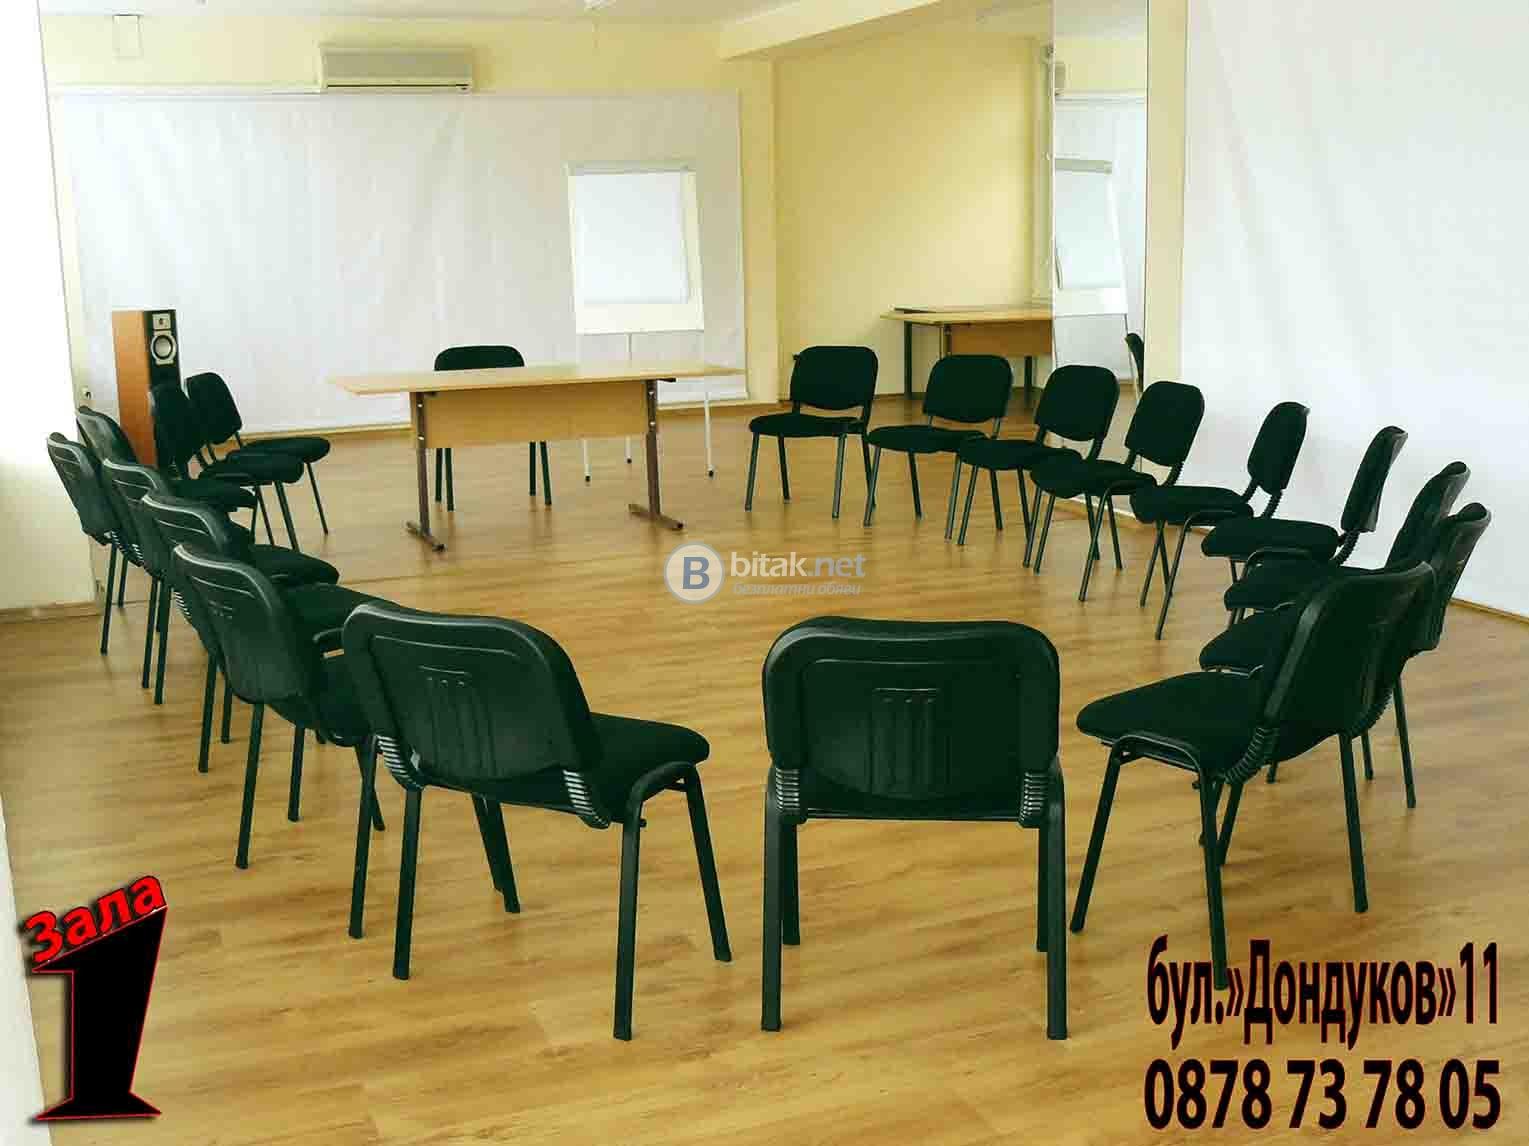 Конферентна зала под наем